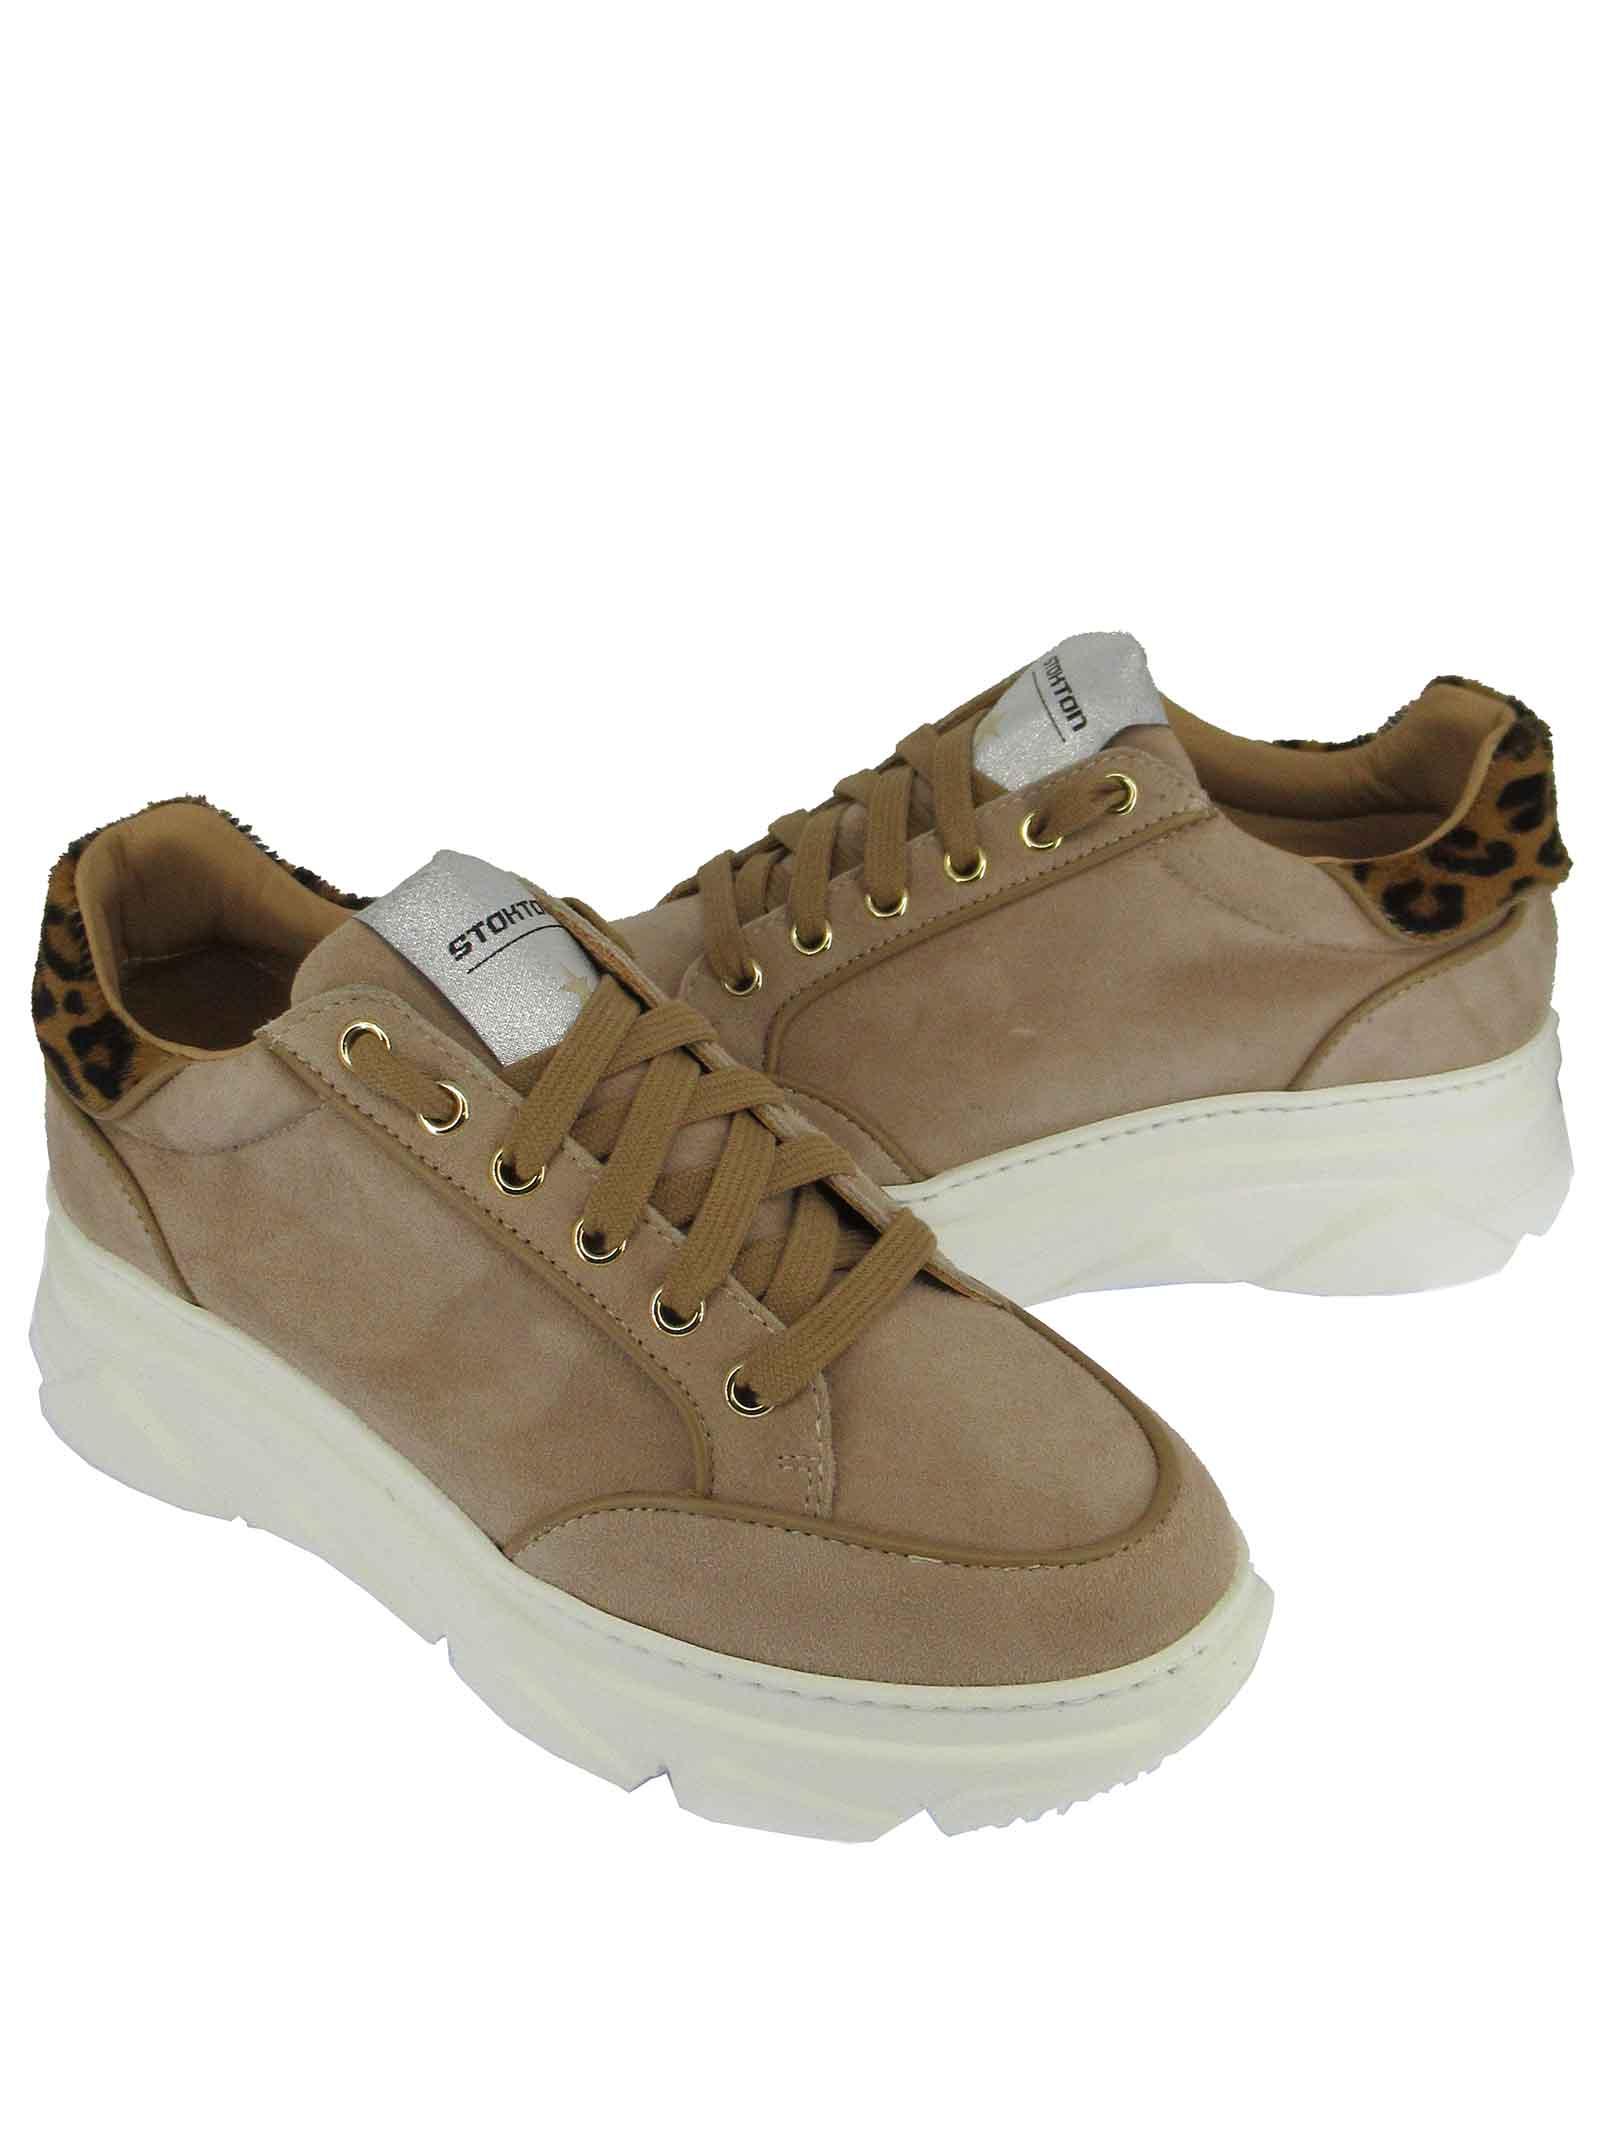 Calzature Donna Sneakers Stringate in Camoscio Camel con Riporti in Animalier e Fondo Zeppa Stokton | Sneakers | 421-D500